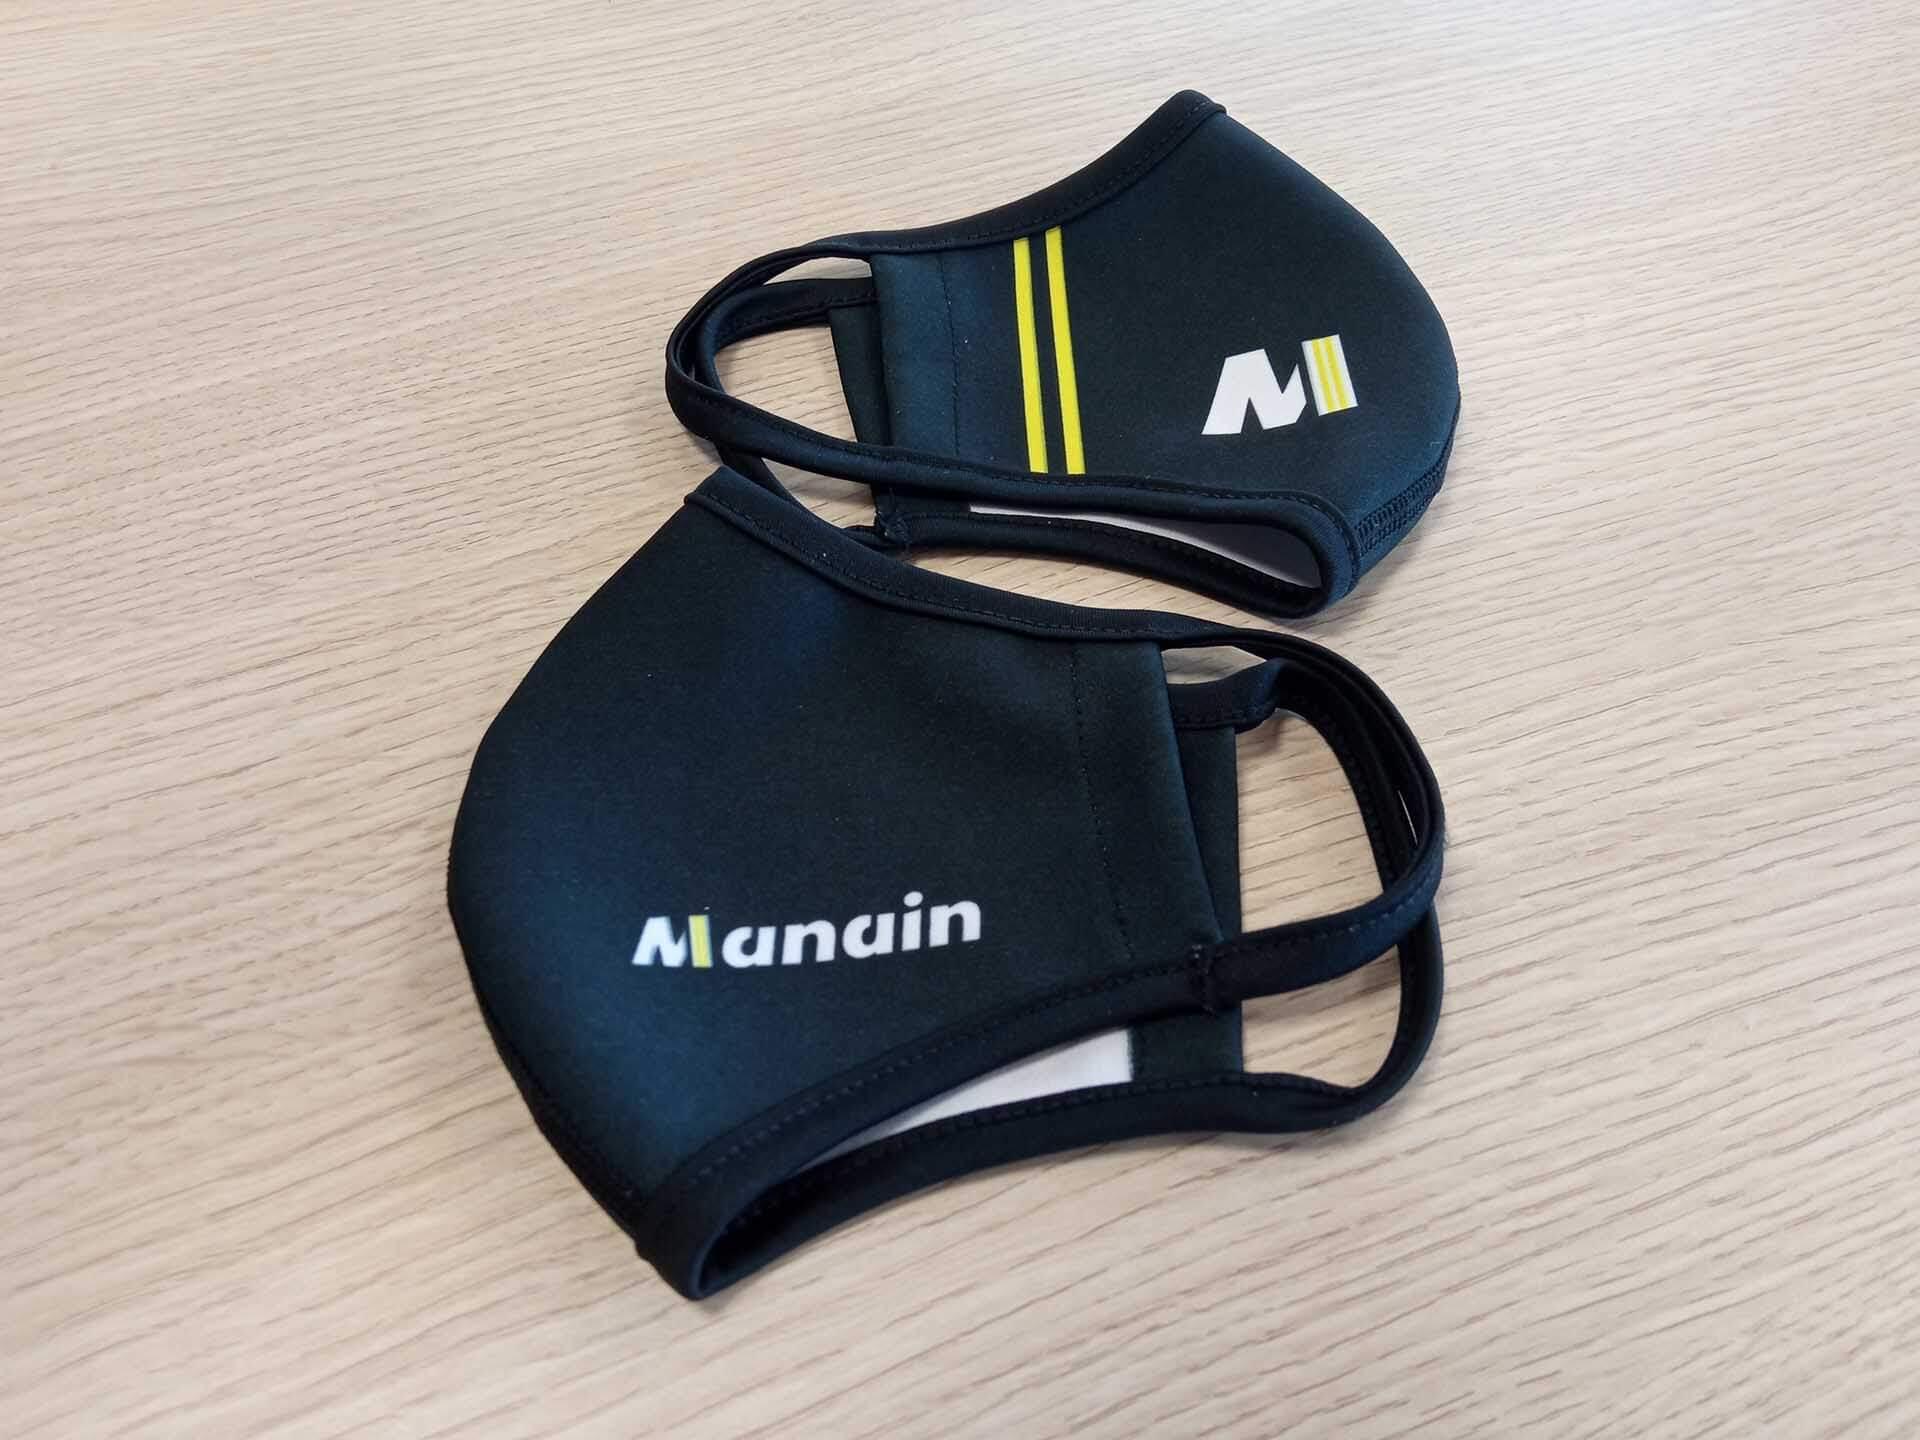 Manain protege a sus empleados con mascarillas personalizadas y reutilizables